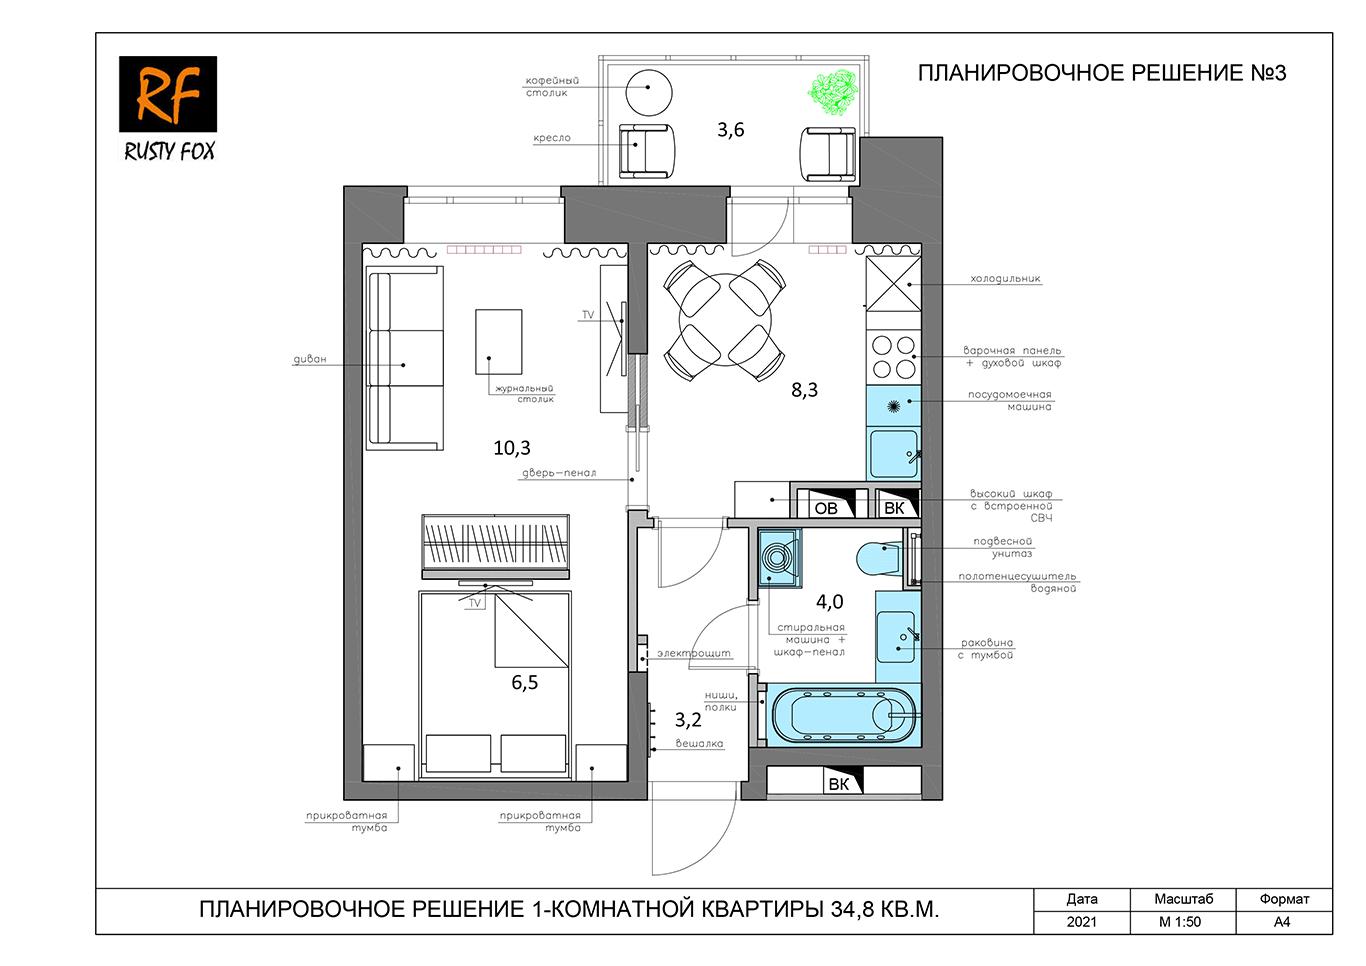 ЖК Люберцы корпус 52, секция 2. Планировочное решение №3 1-комнотной квартира 34,8 кв.м.